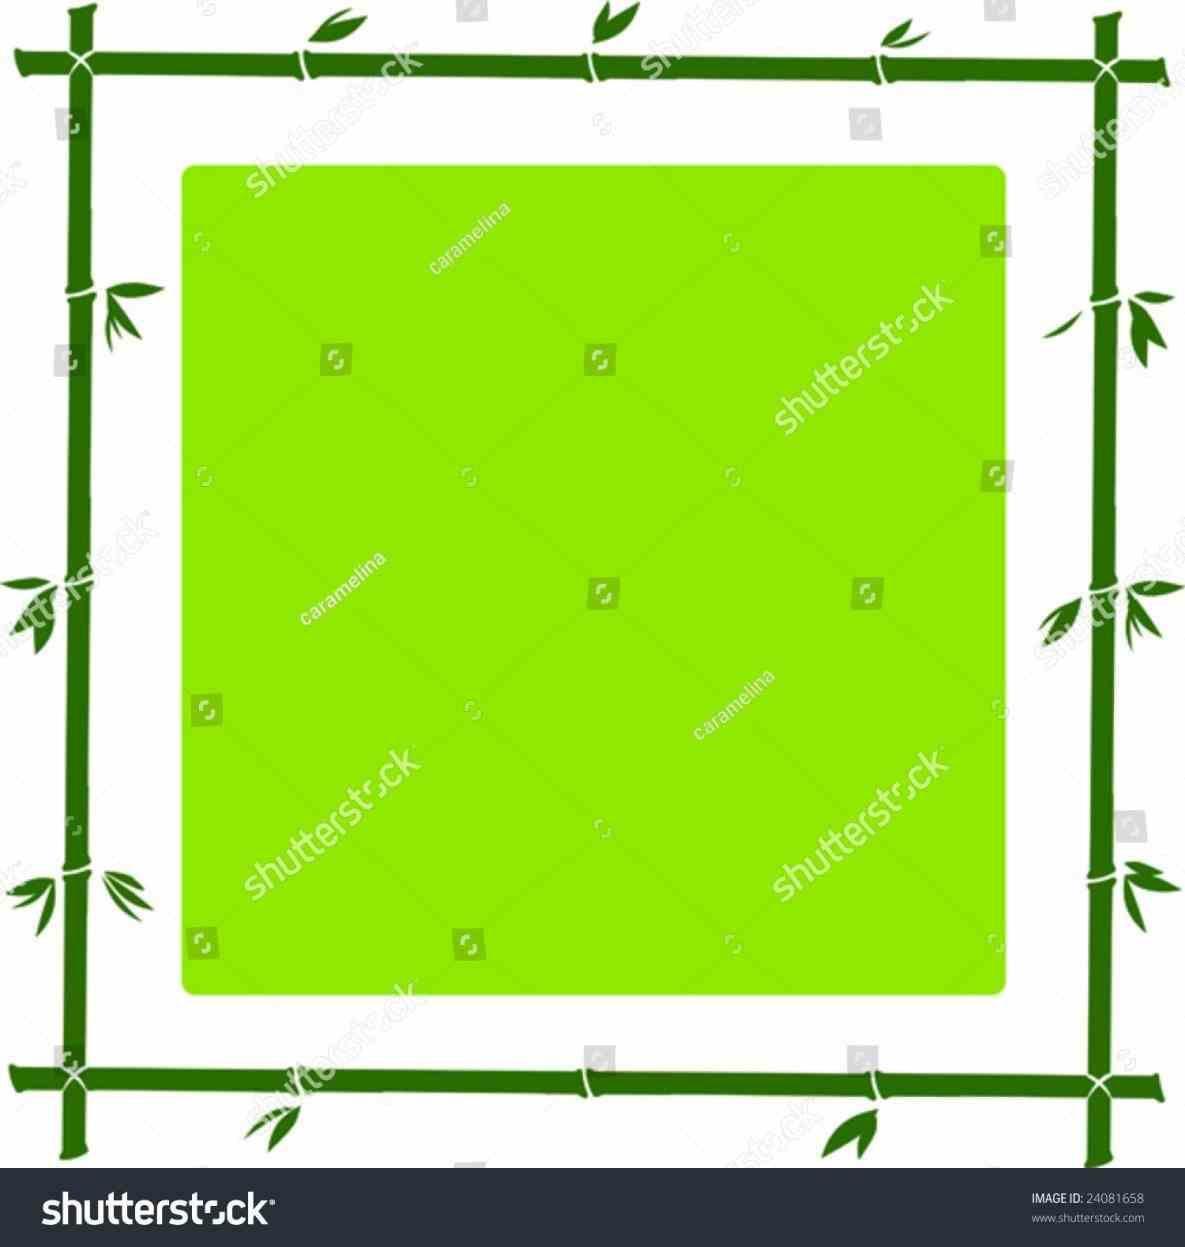 1185x1247 Bamboo Clip Art Border 2018